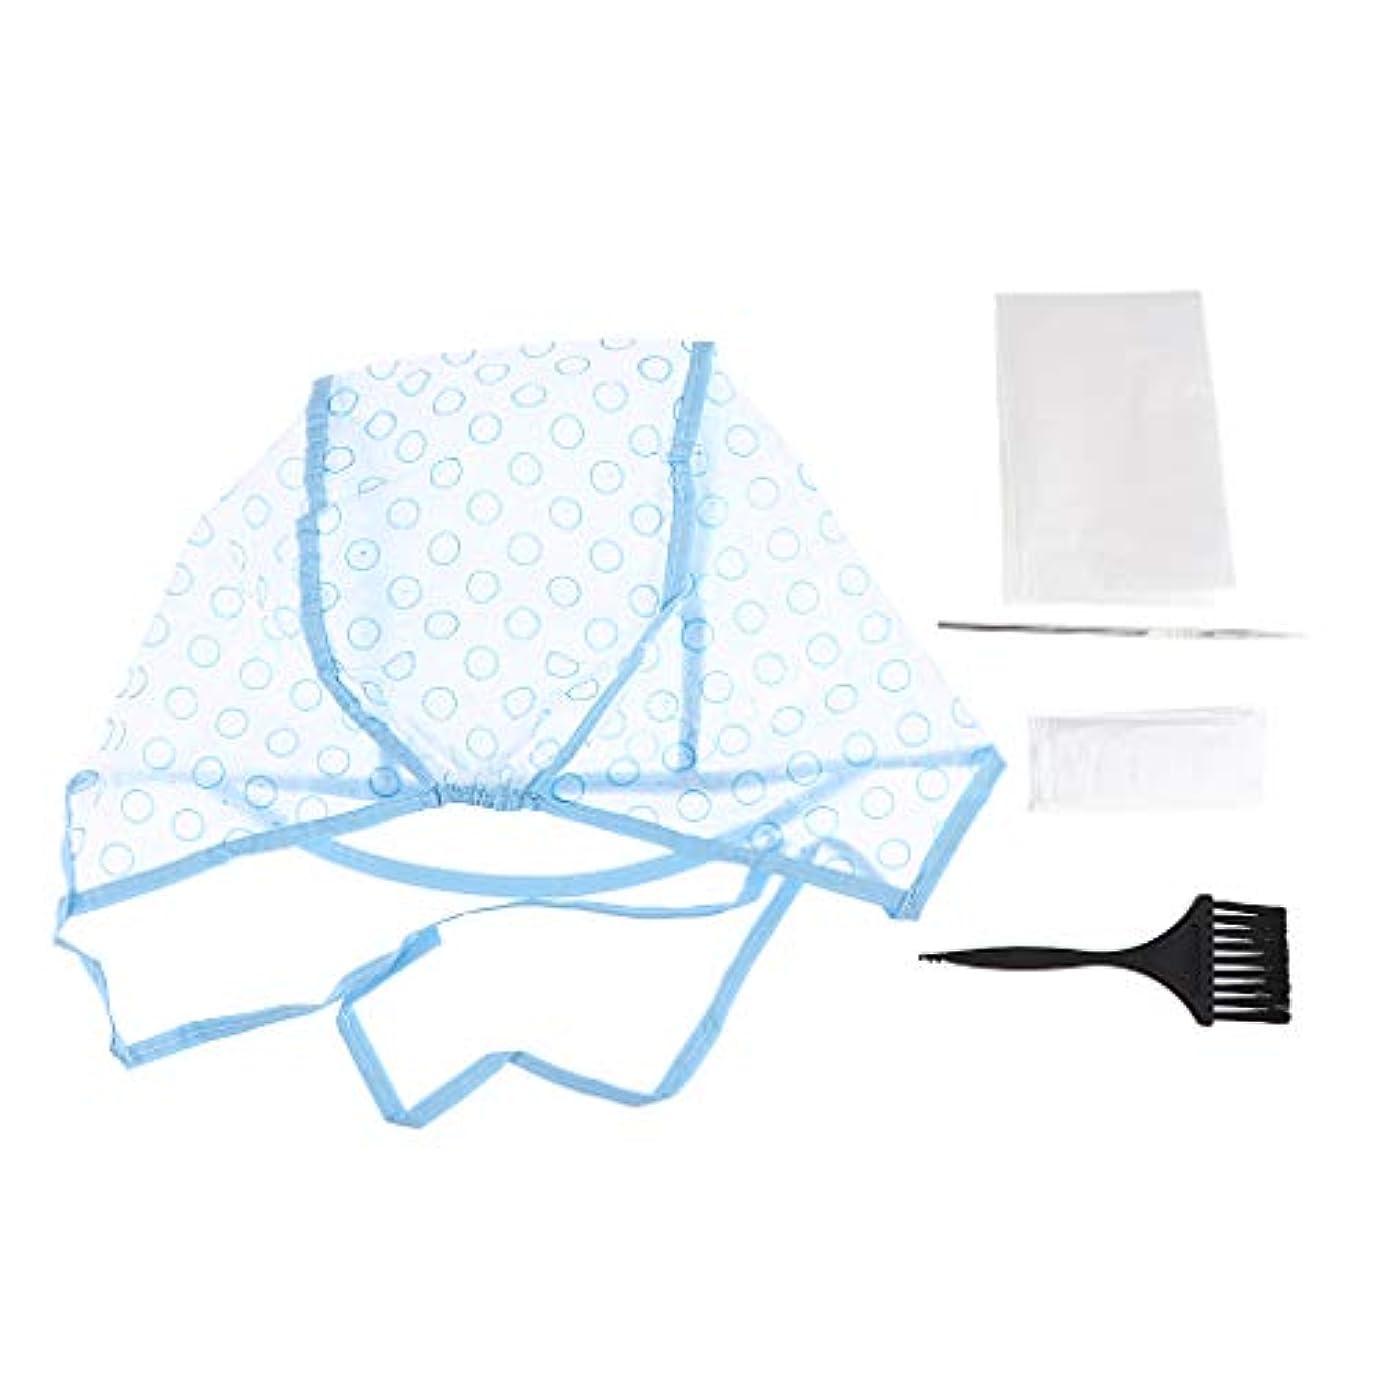 硬い特別に潜む使い捨ての髪の着色キット、髪の色合いツールブラシフック強調キャップ手袋とケープセット